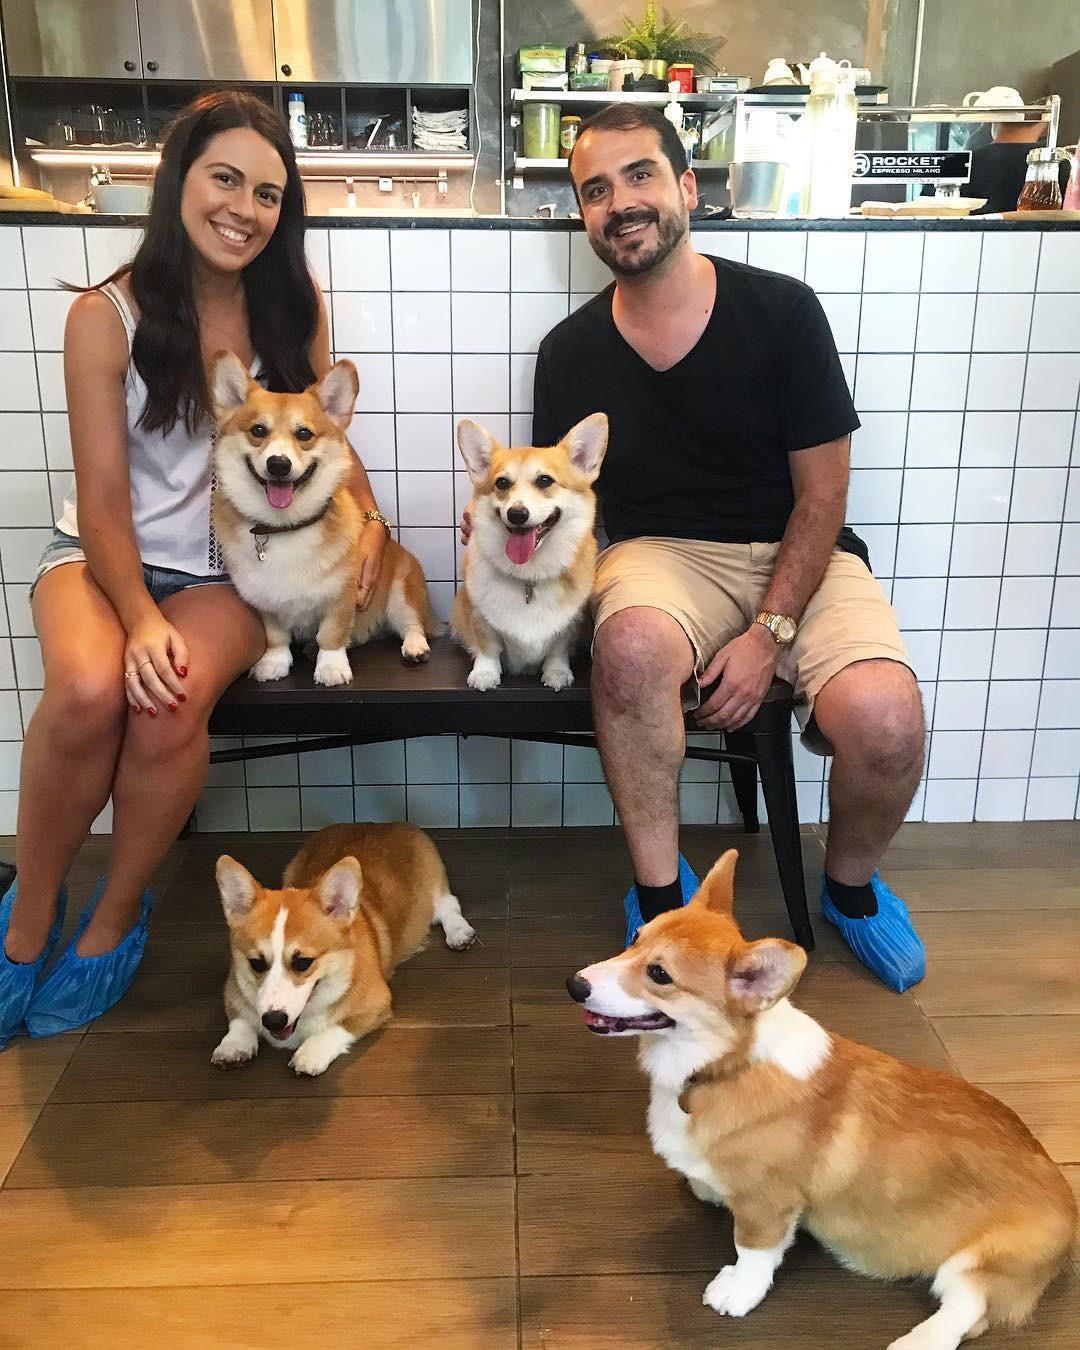 Siêu cấp dễ thương: Quán cà phê chó corgi nổi tiếng nhất Bangkok khiến dân tình phát sốt, con nào con nấy cũng ú nu ú nần - Ảnh 17.